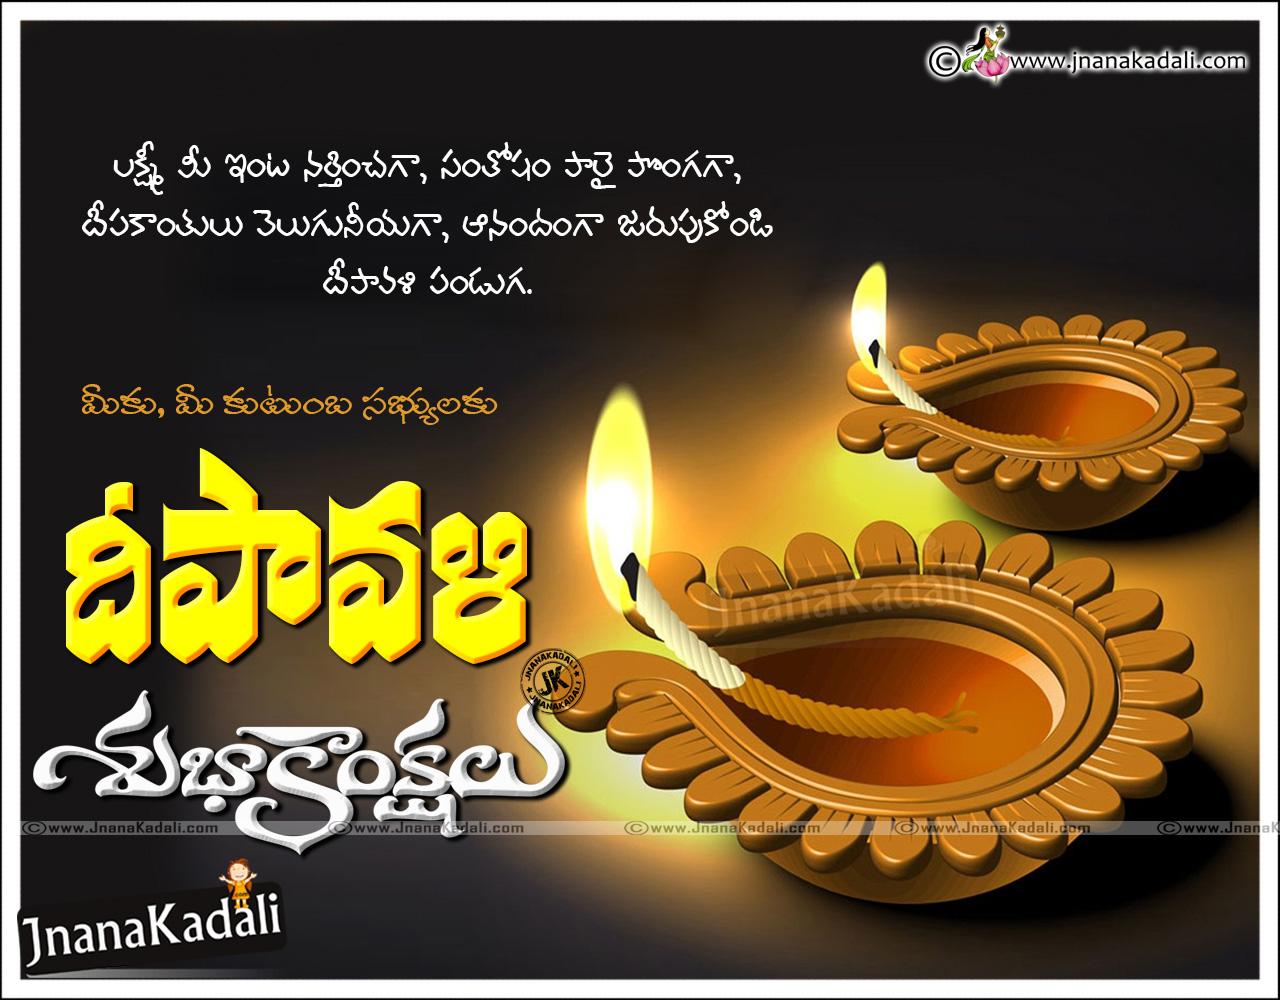 Diwali greetings in telugu 2016 diwali festival quotes greetings latest dreamstime diya hd wallpapers with quotes in telugu online diwali festival quotes with hd wallpapers 2016 telugu diwali greetings online kristyandbryce Gallery